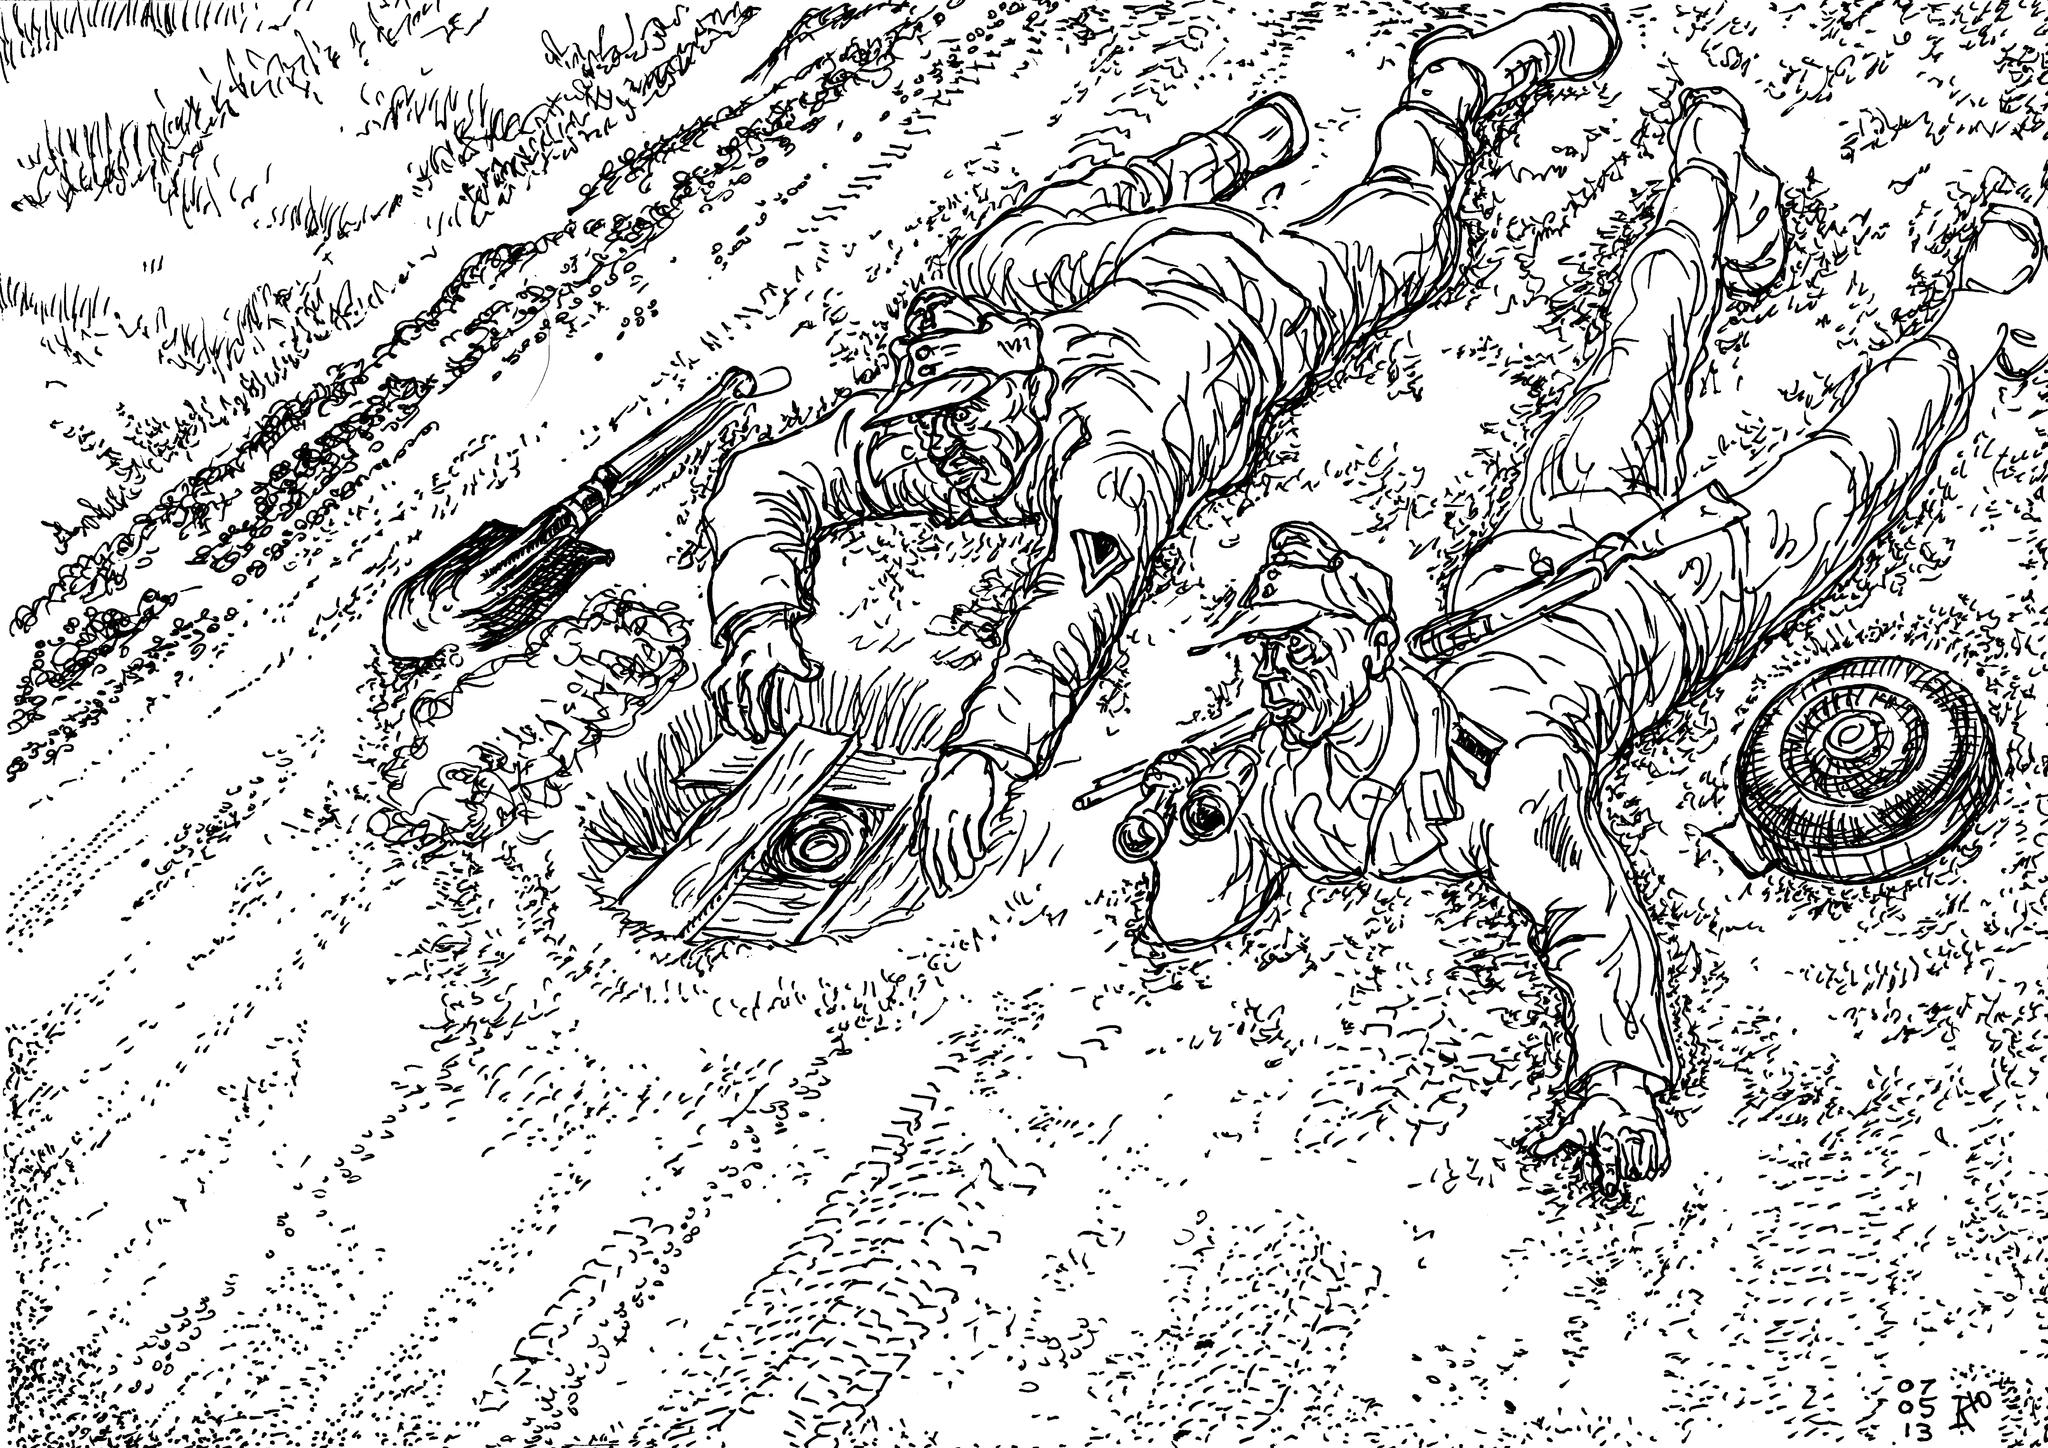 Сапёры Вермахта устанавливают на автодороге мину, которую сложно обнаружить и снять